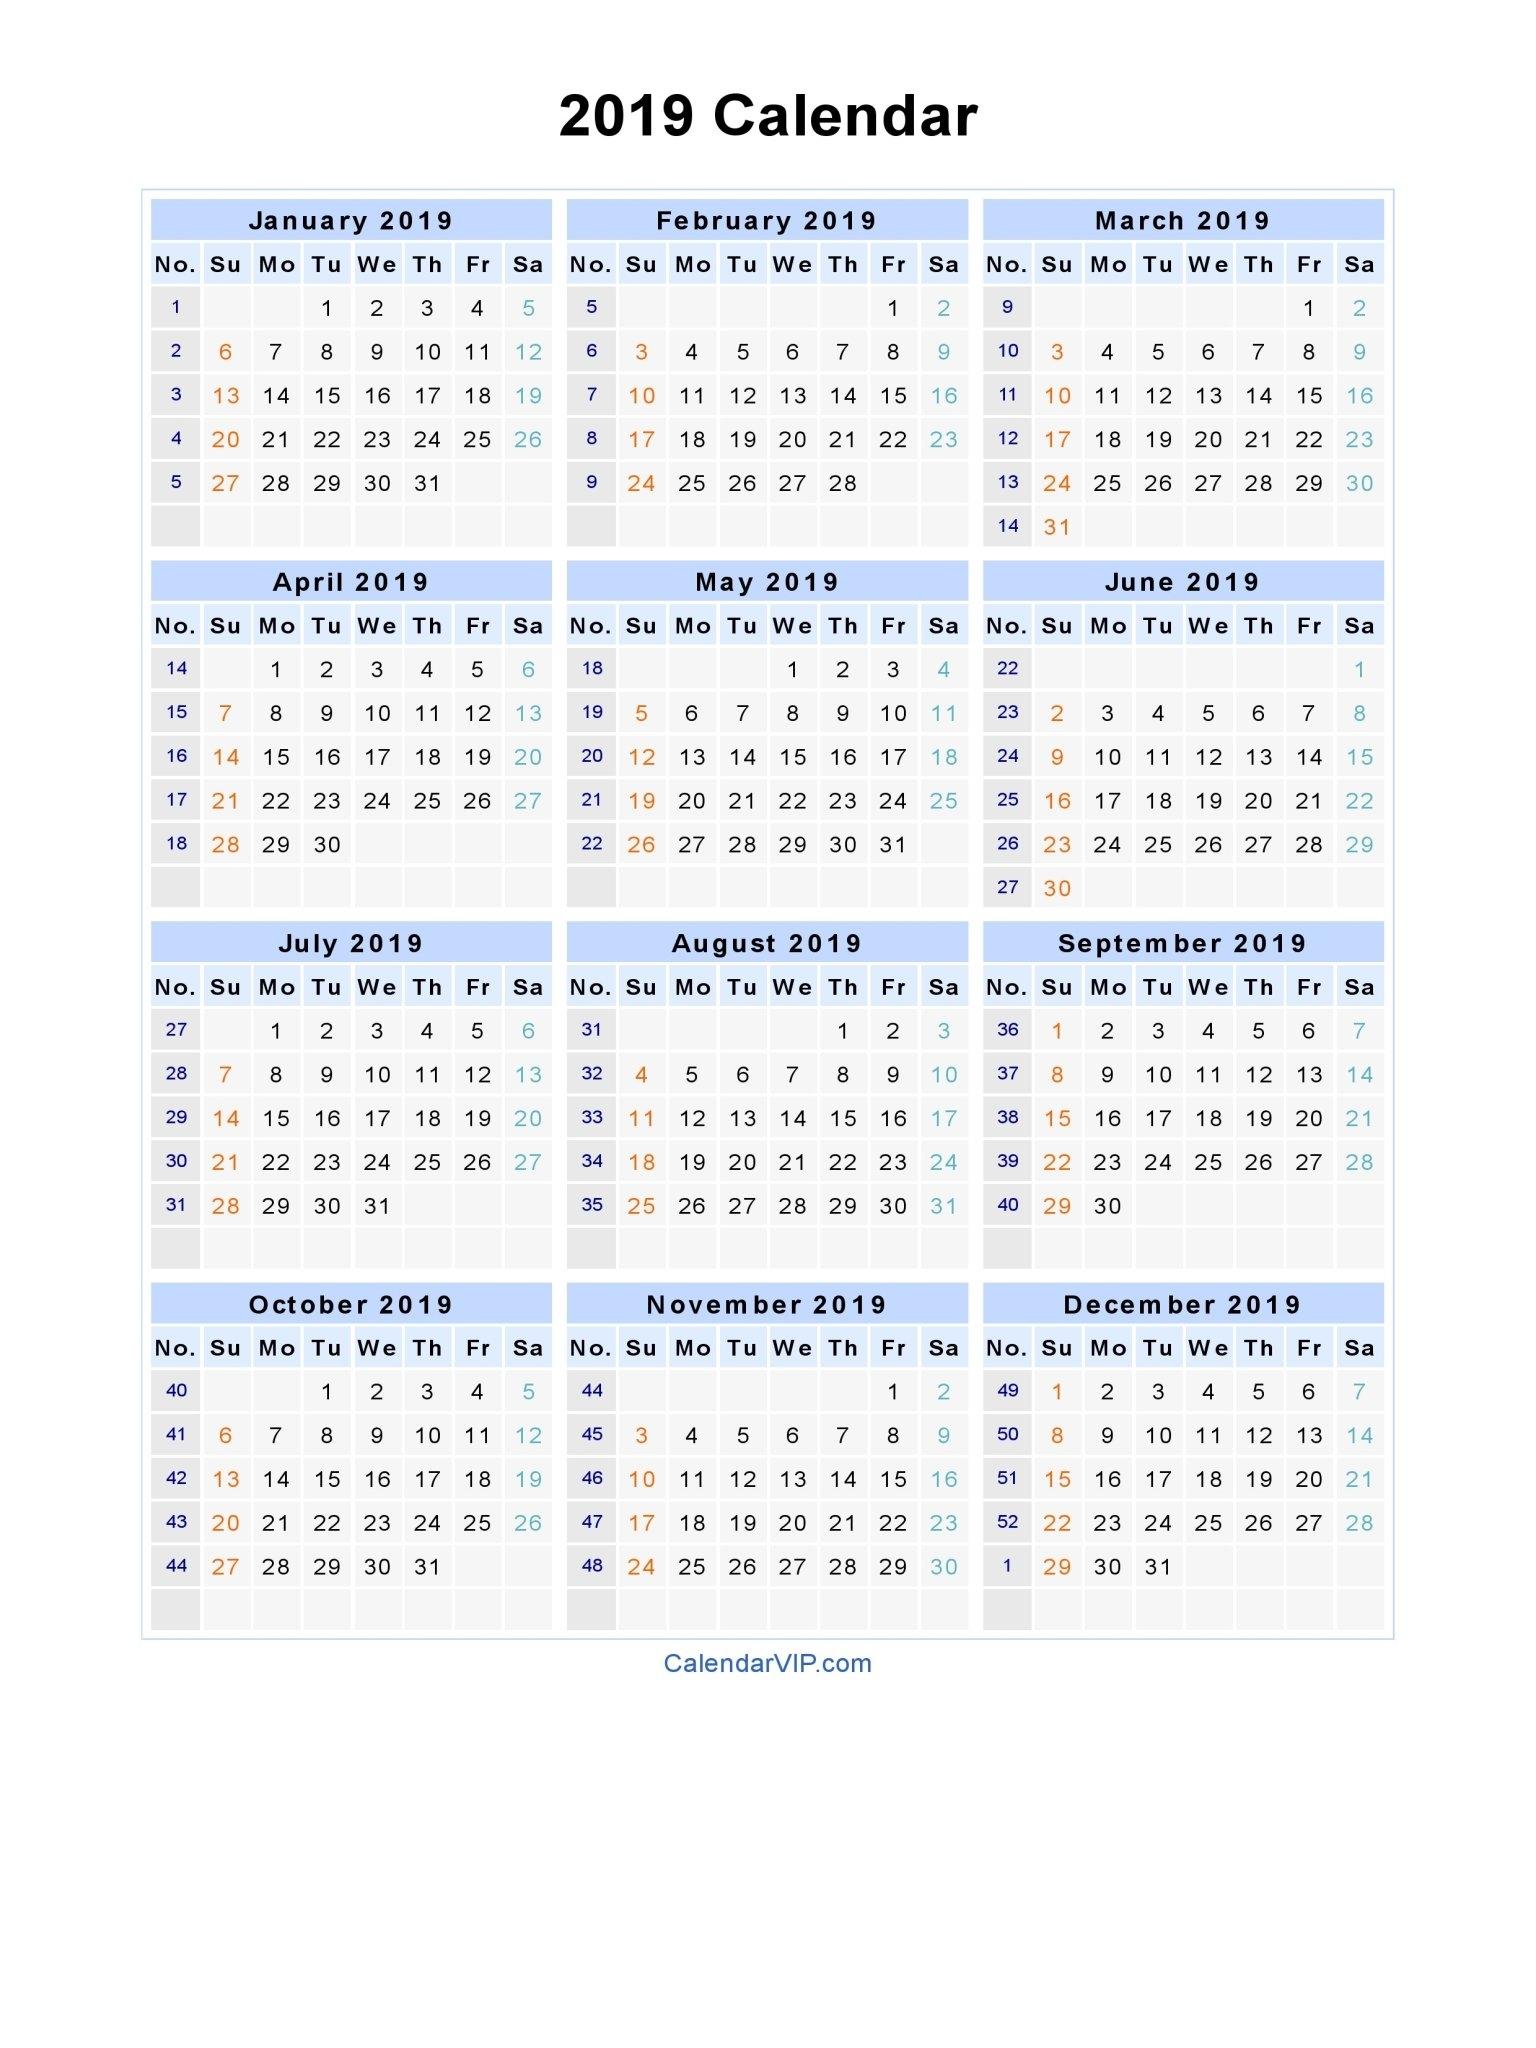 2019 Calendar - Blank Printable Calendar Template In Pdf Word Excel Calendar 2019 Template Excel